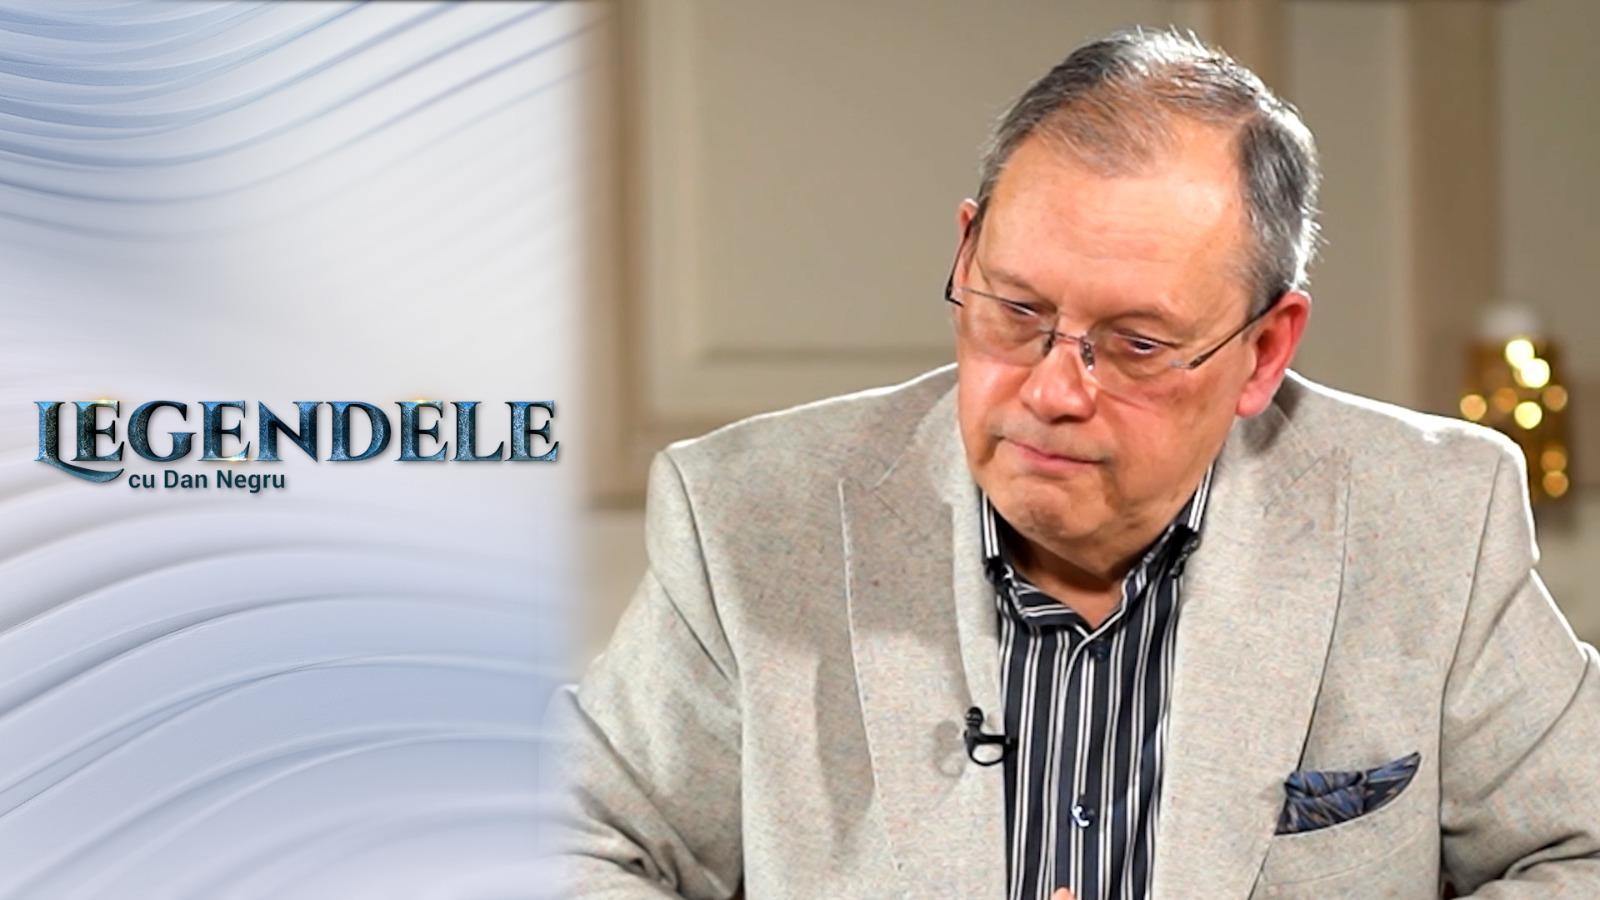 Legendele cu Dan Negru - Interviu Dumitru Prunariu